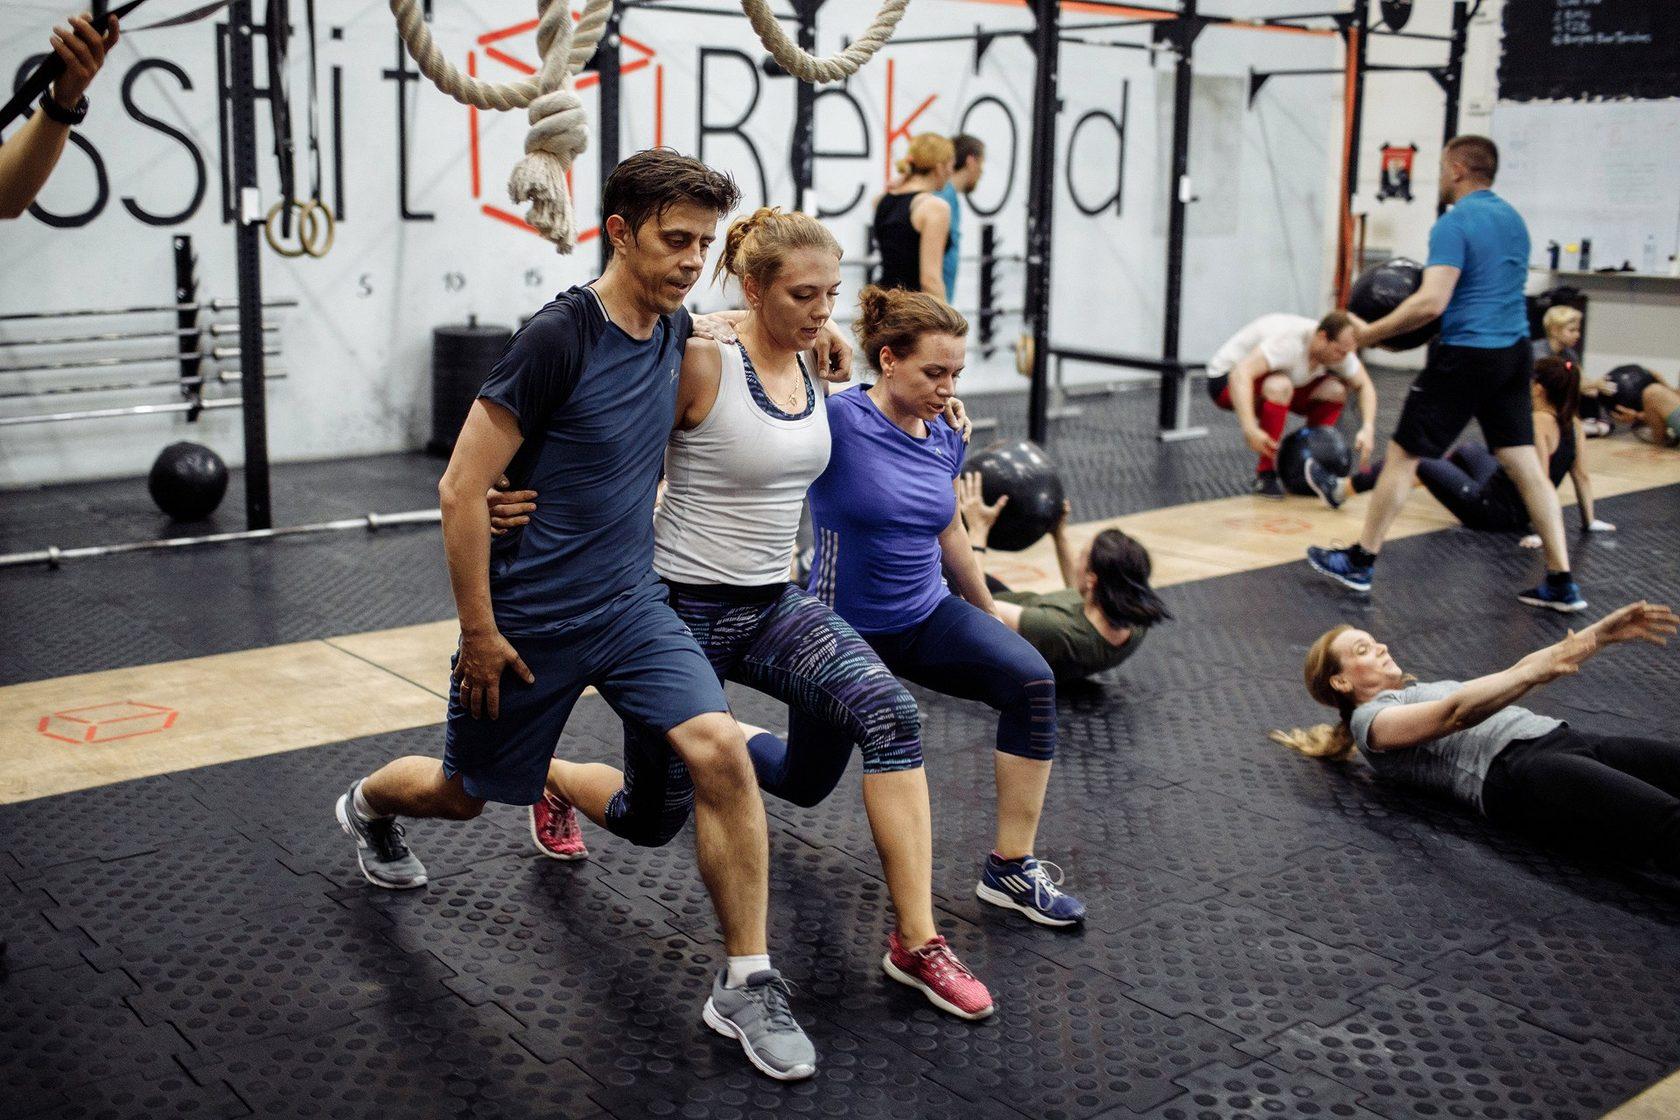 Кроссфит тренировки: описание, польза, основные упражнения и программы